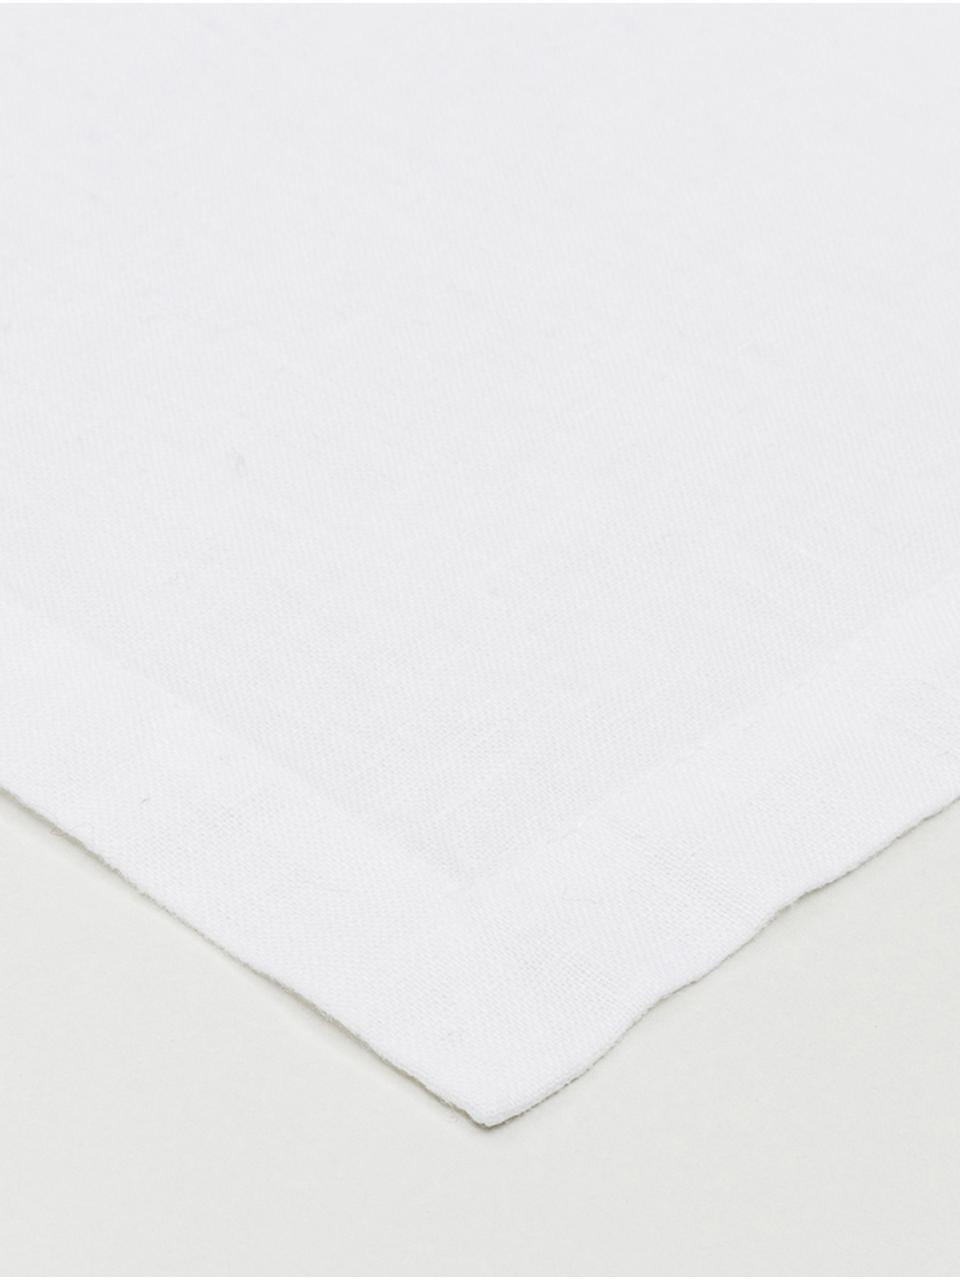 Leinen-Tischläufer Ruta in Weiß, Schneeweiß, 40 x 140 cm